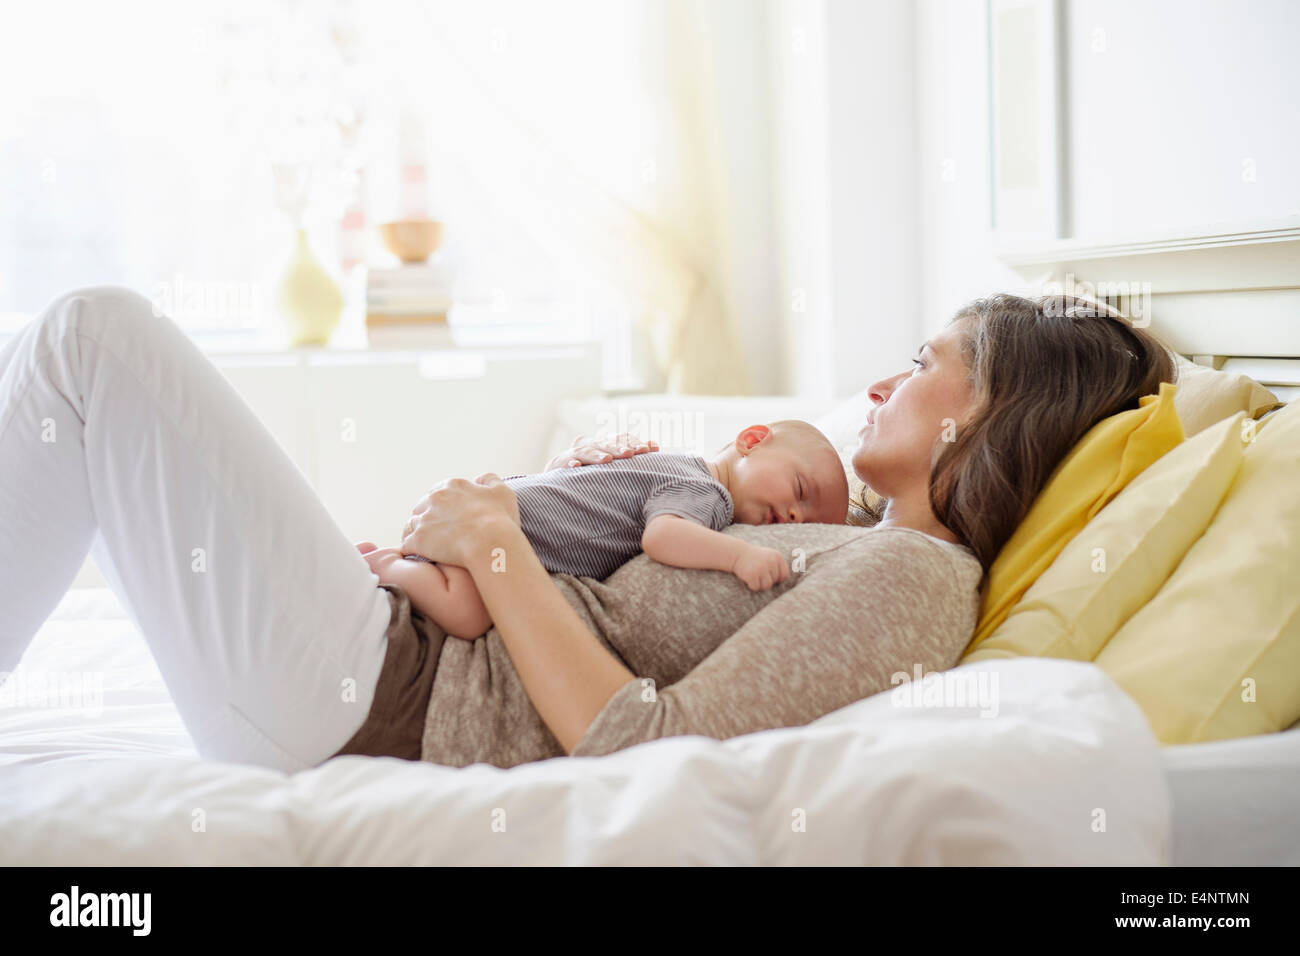 Mère au lit avec baby boy (2-5 months) Photo Stock